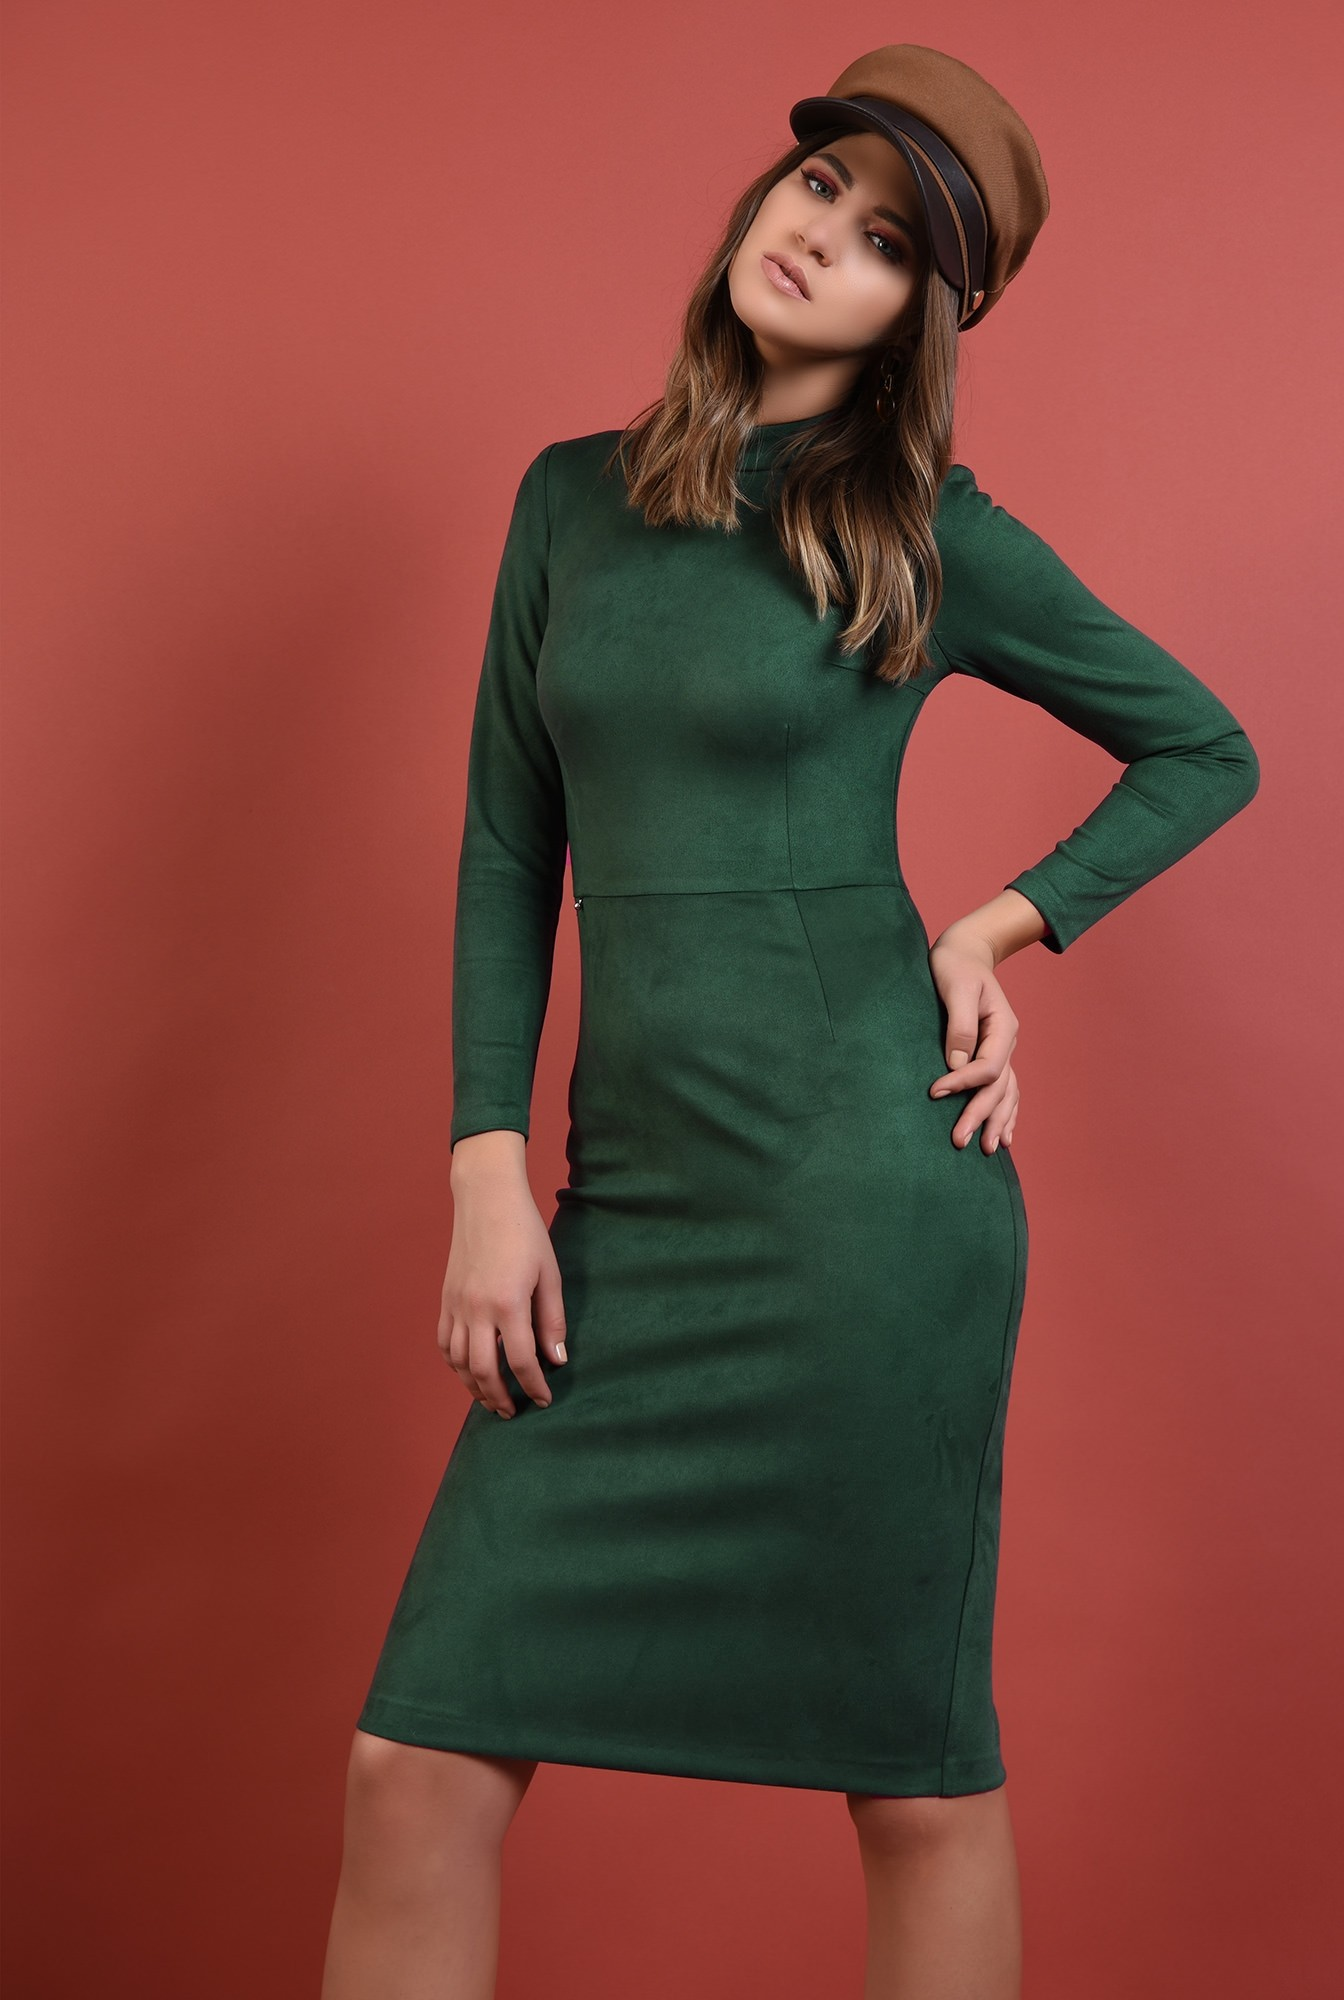 rochie verde, casual, conica, stretch, maneci lungi